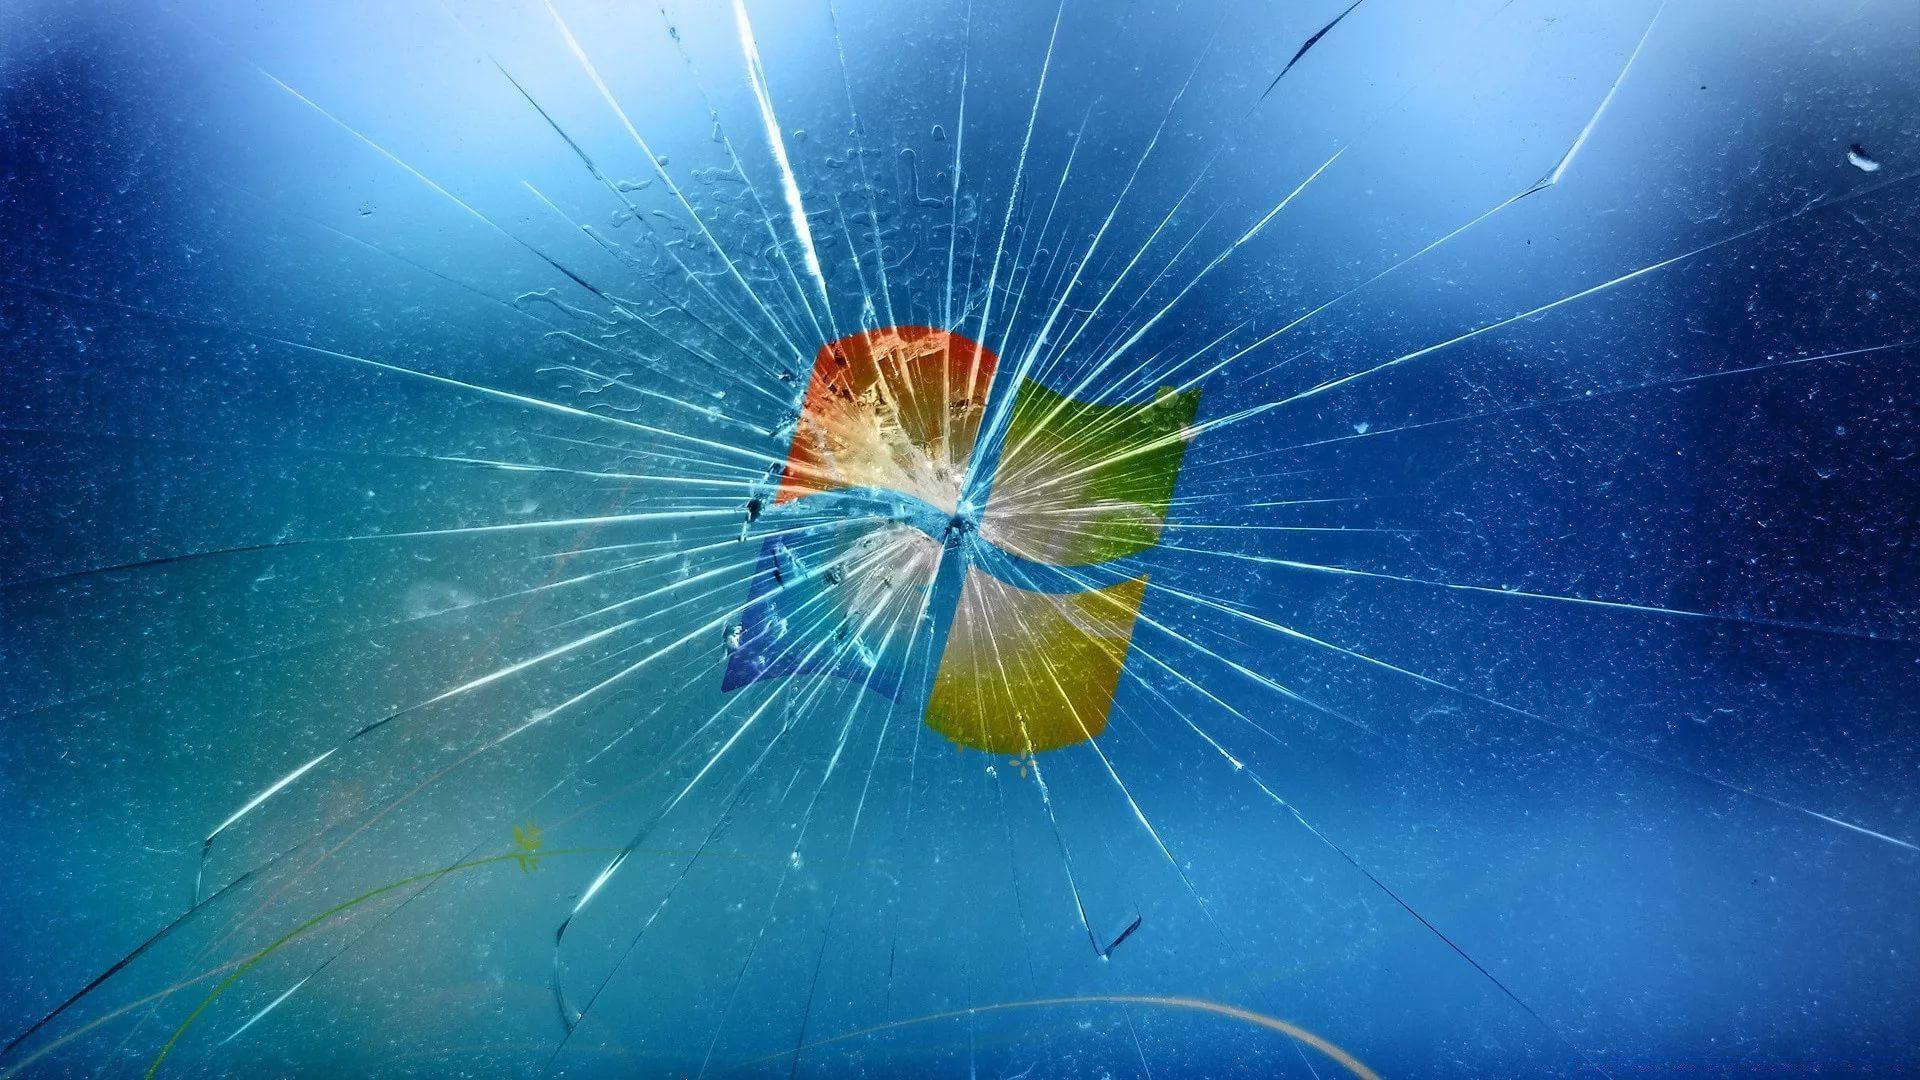 Broken Screen Image